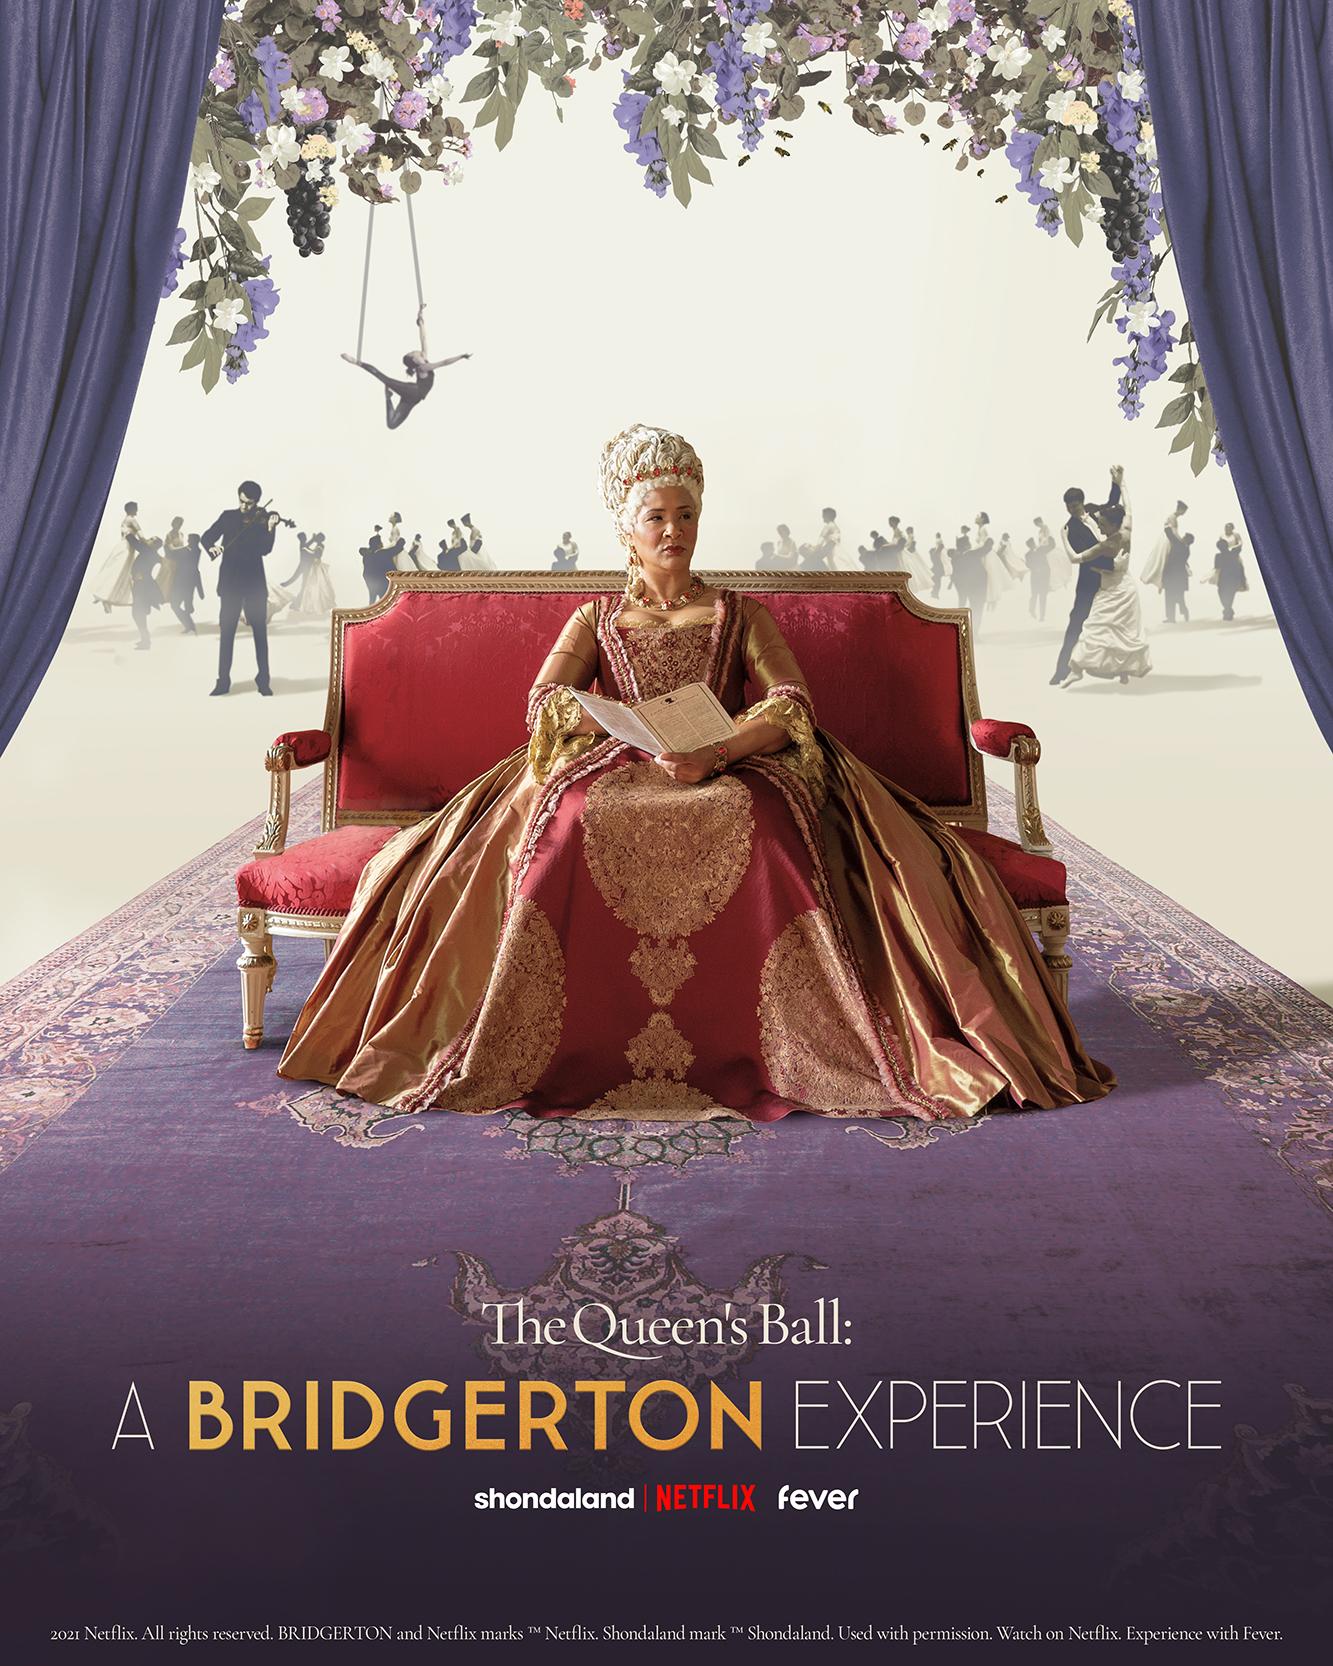 The Queen's Ball: A Bridgerton Experience